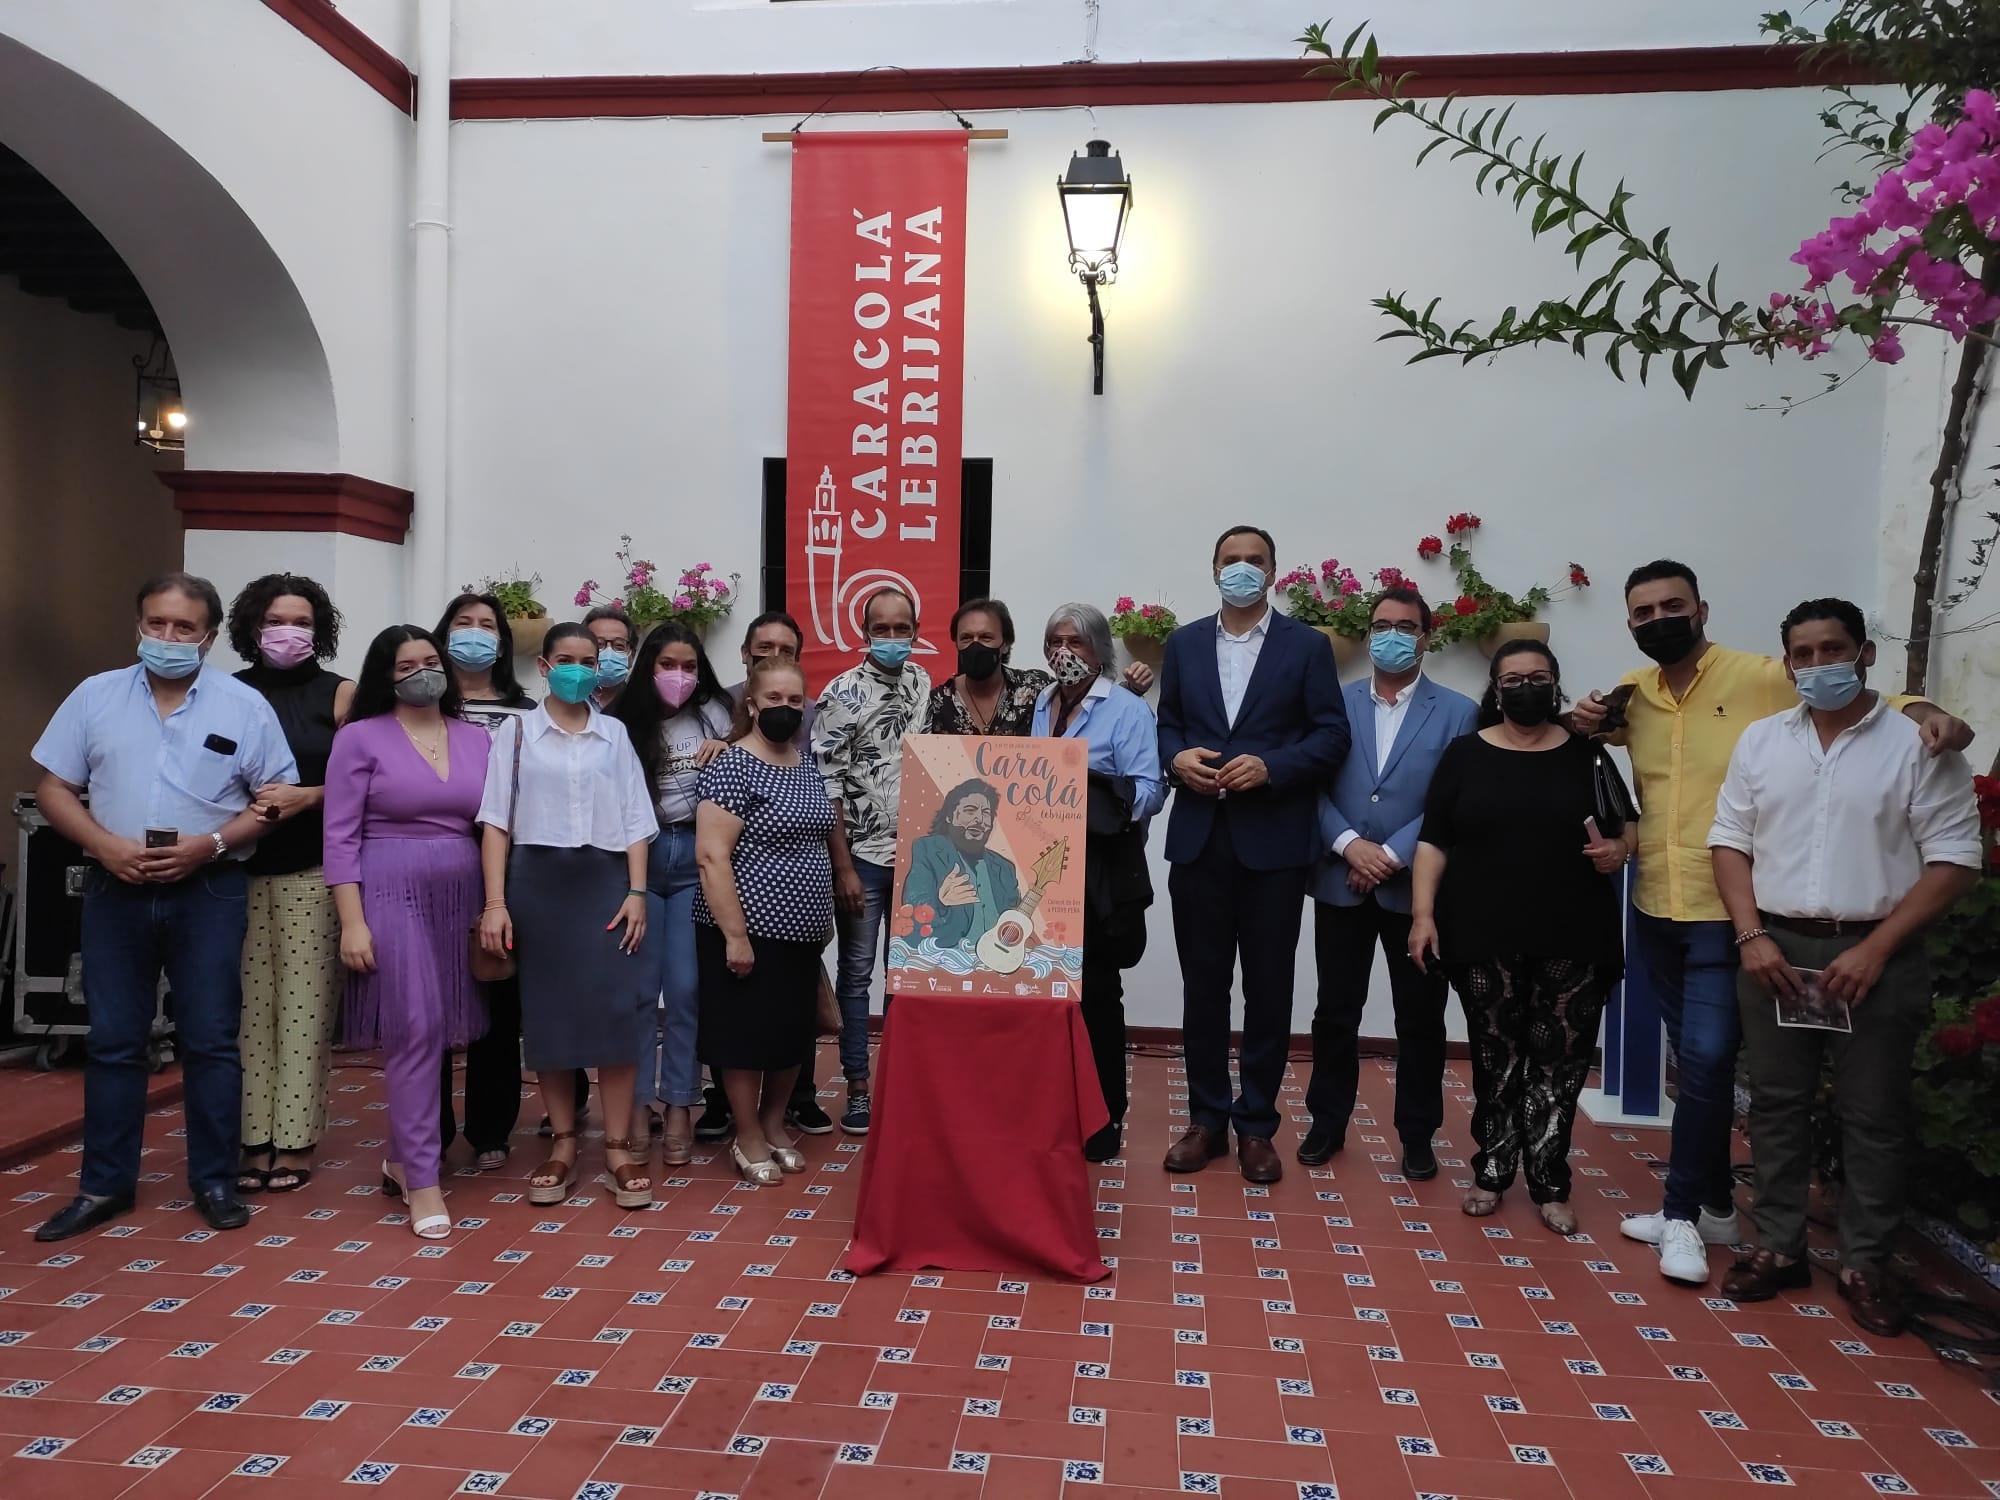 El viernes se inician los actos de la 56 Caracolá lebrijana, homenaje a Pedro Peña